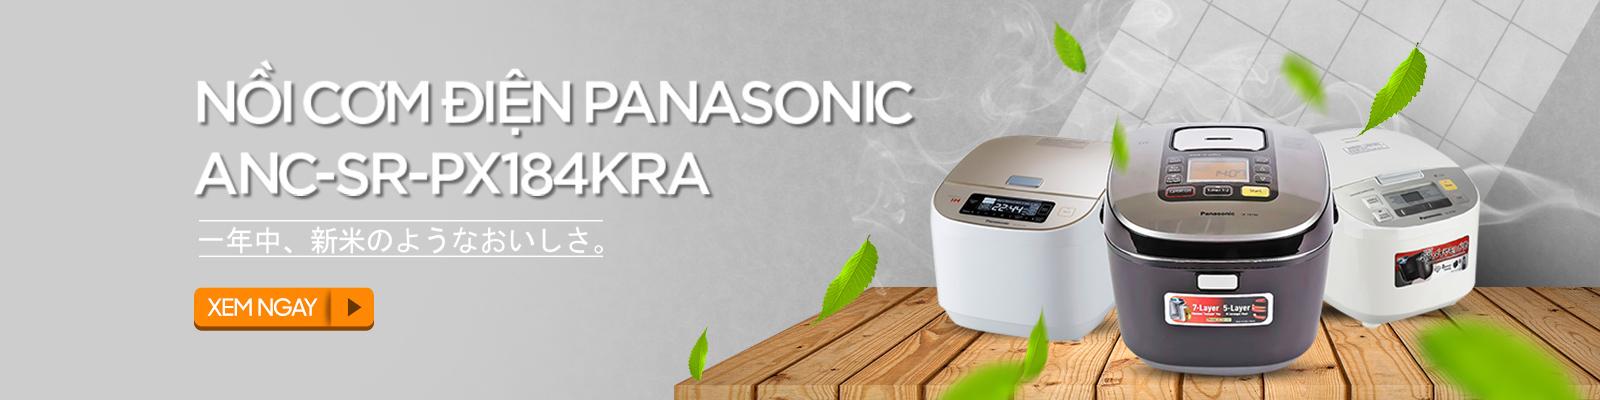 Nồi cơm điện tử cao tần Panasonic ANC-SR-PX184KRA